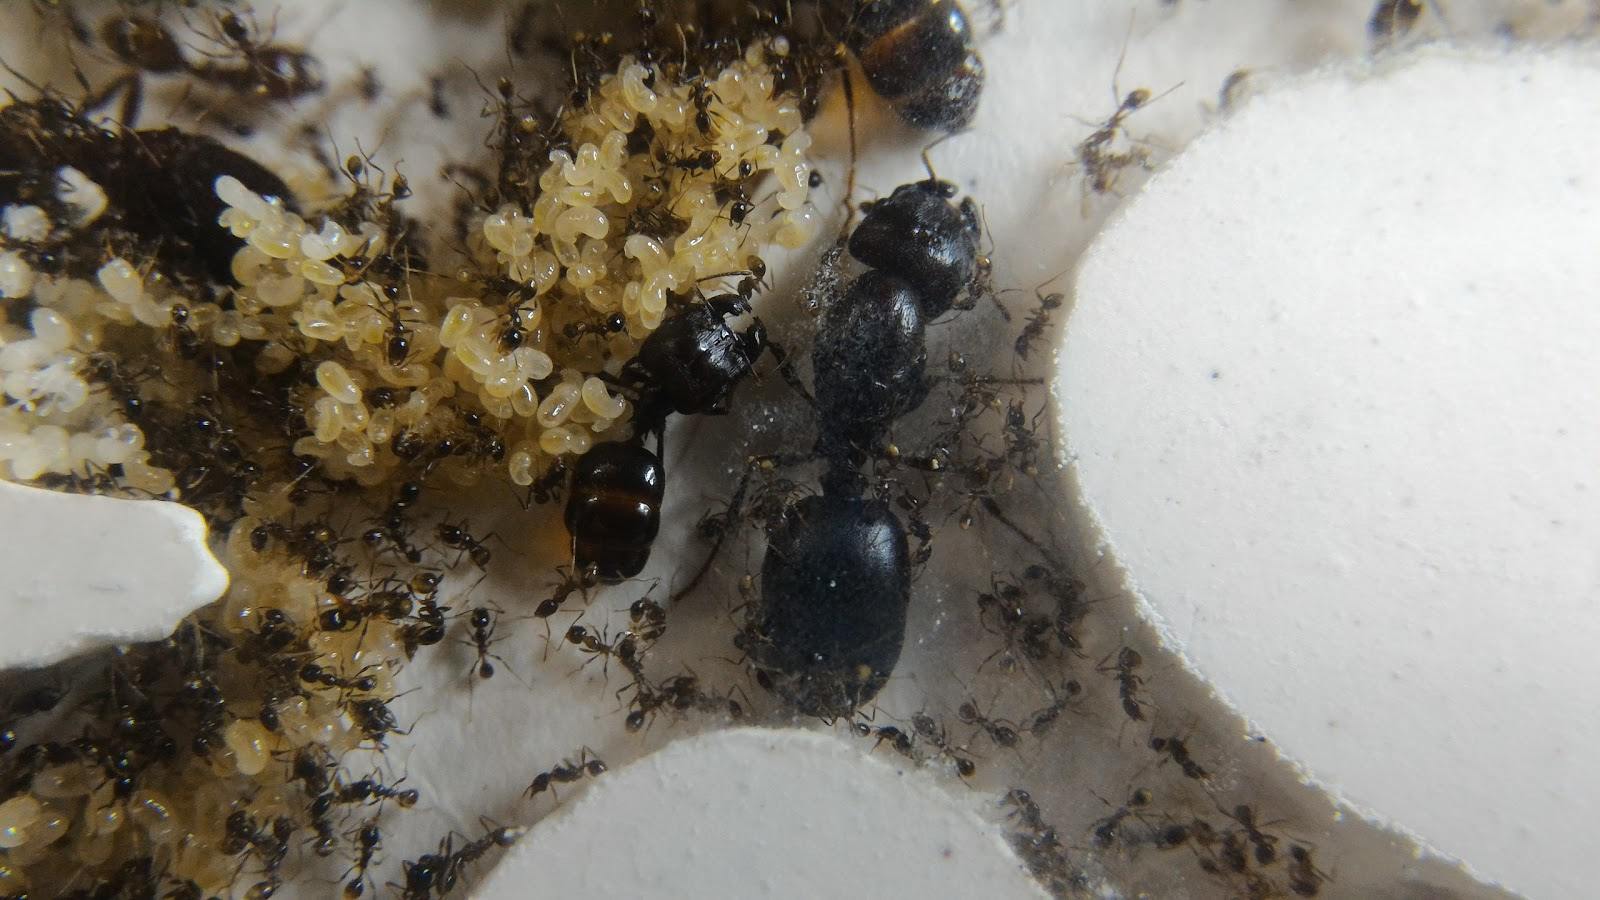 螞蟻特遣隊: 【心得】多樣擬大頭家蟻(全異巨首蟻)